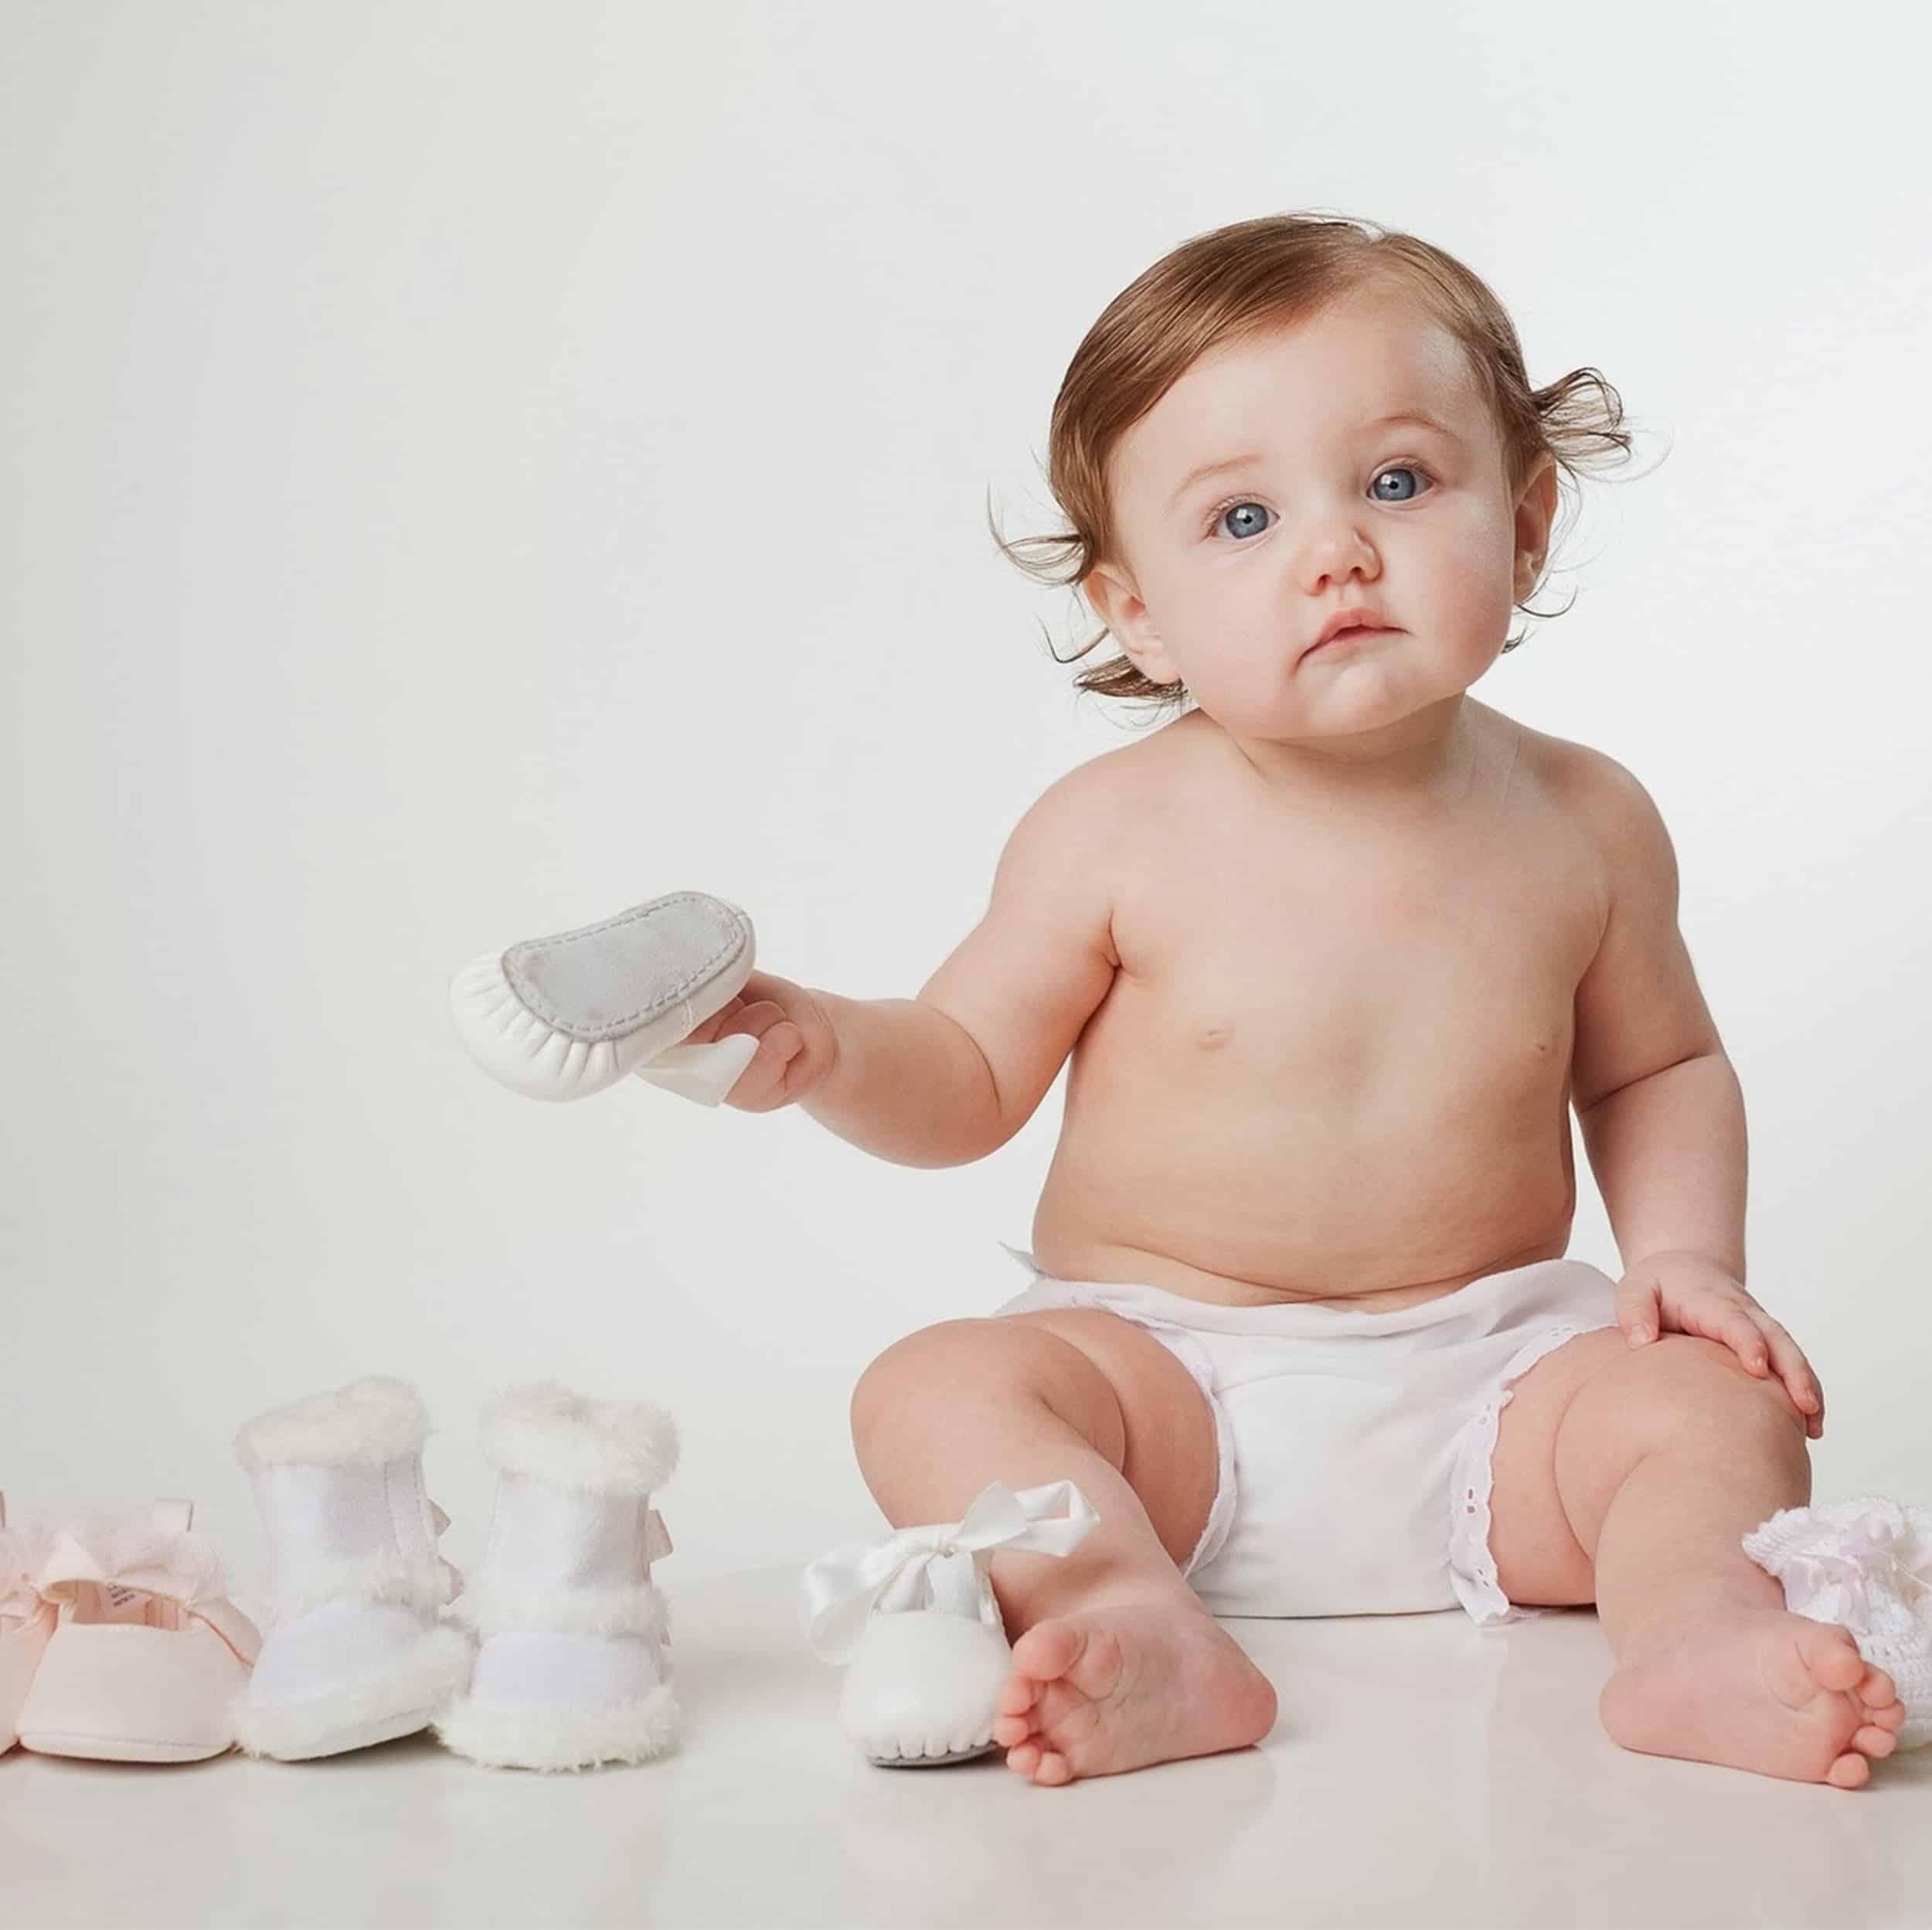 Calzado infantil de calidad para bebé en Chikihuellas